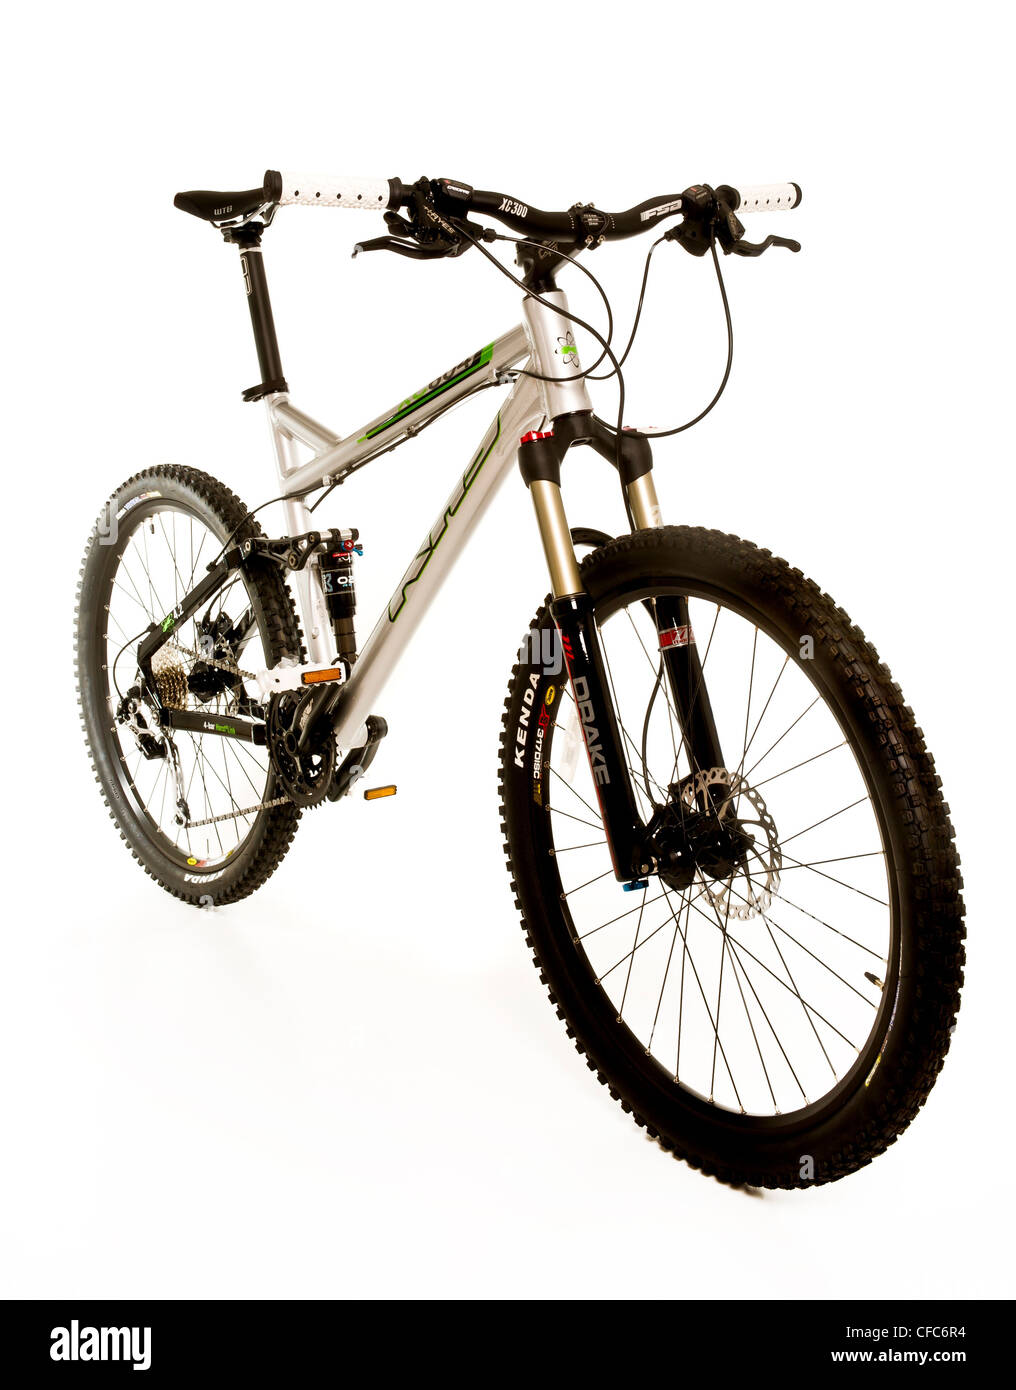 Mans mountain bike - Stock Image